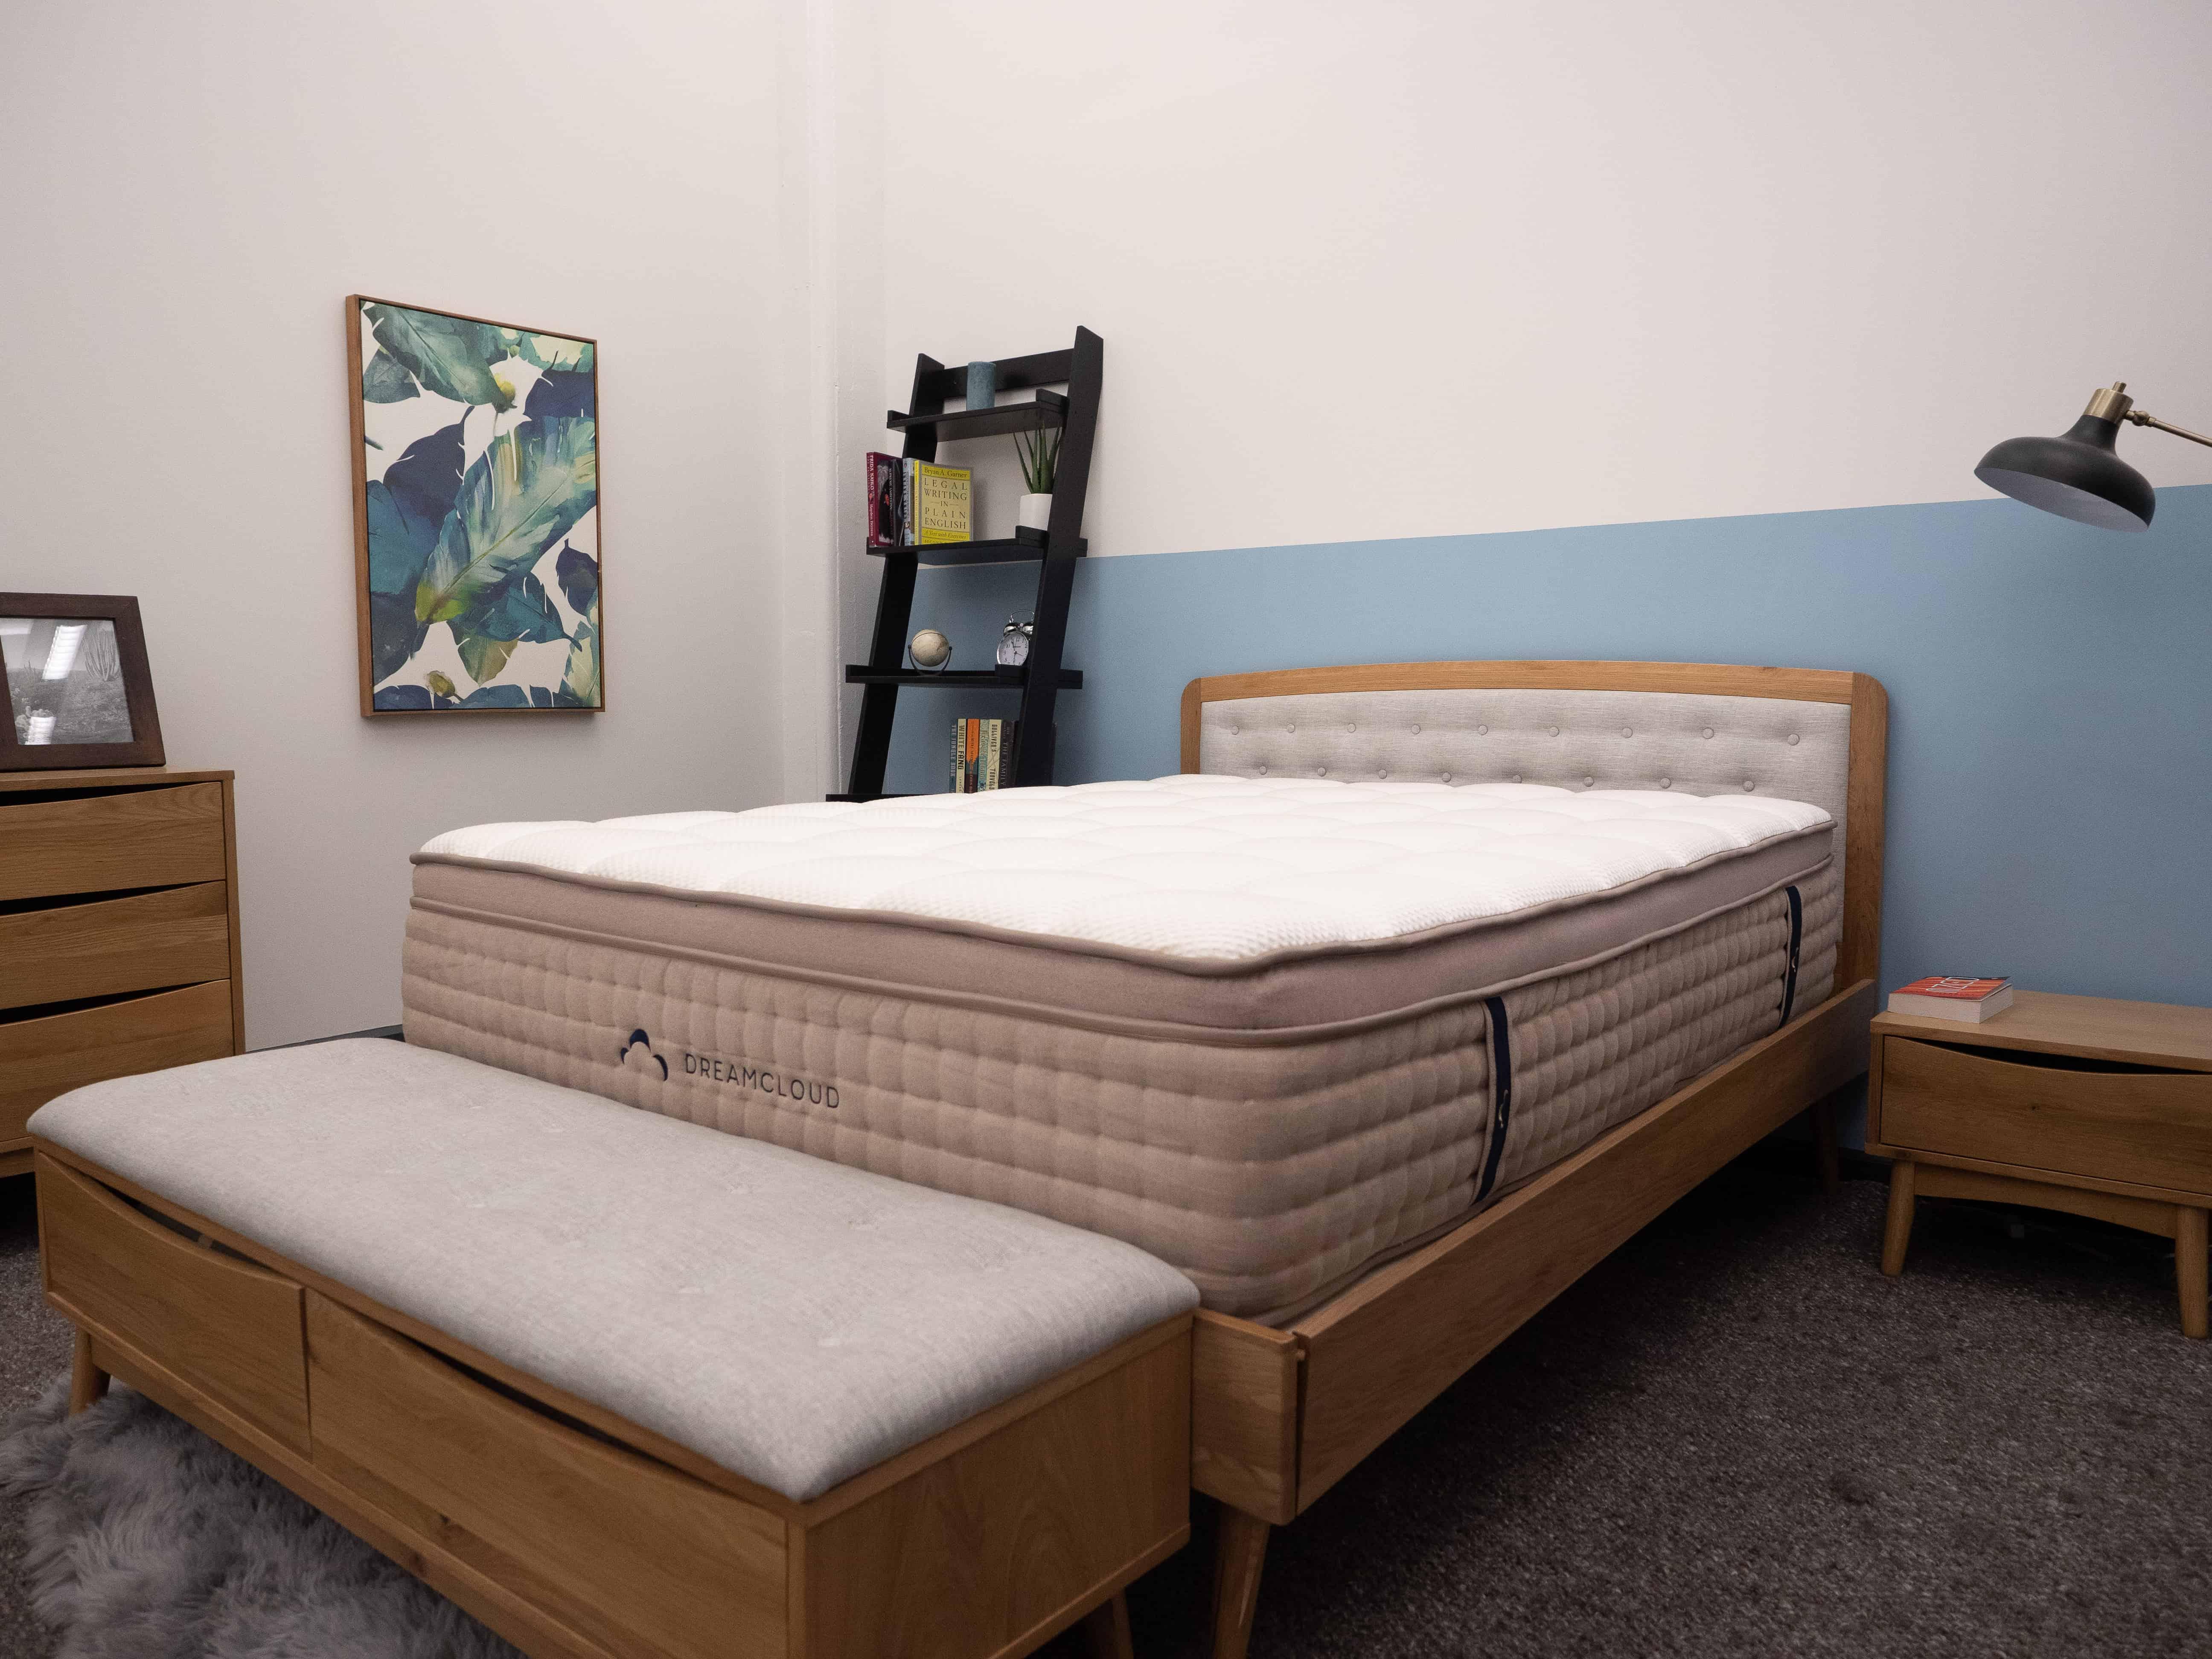 2155475 DreamCloud Mattress Review